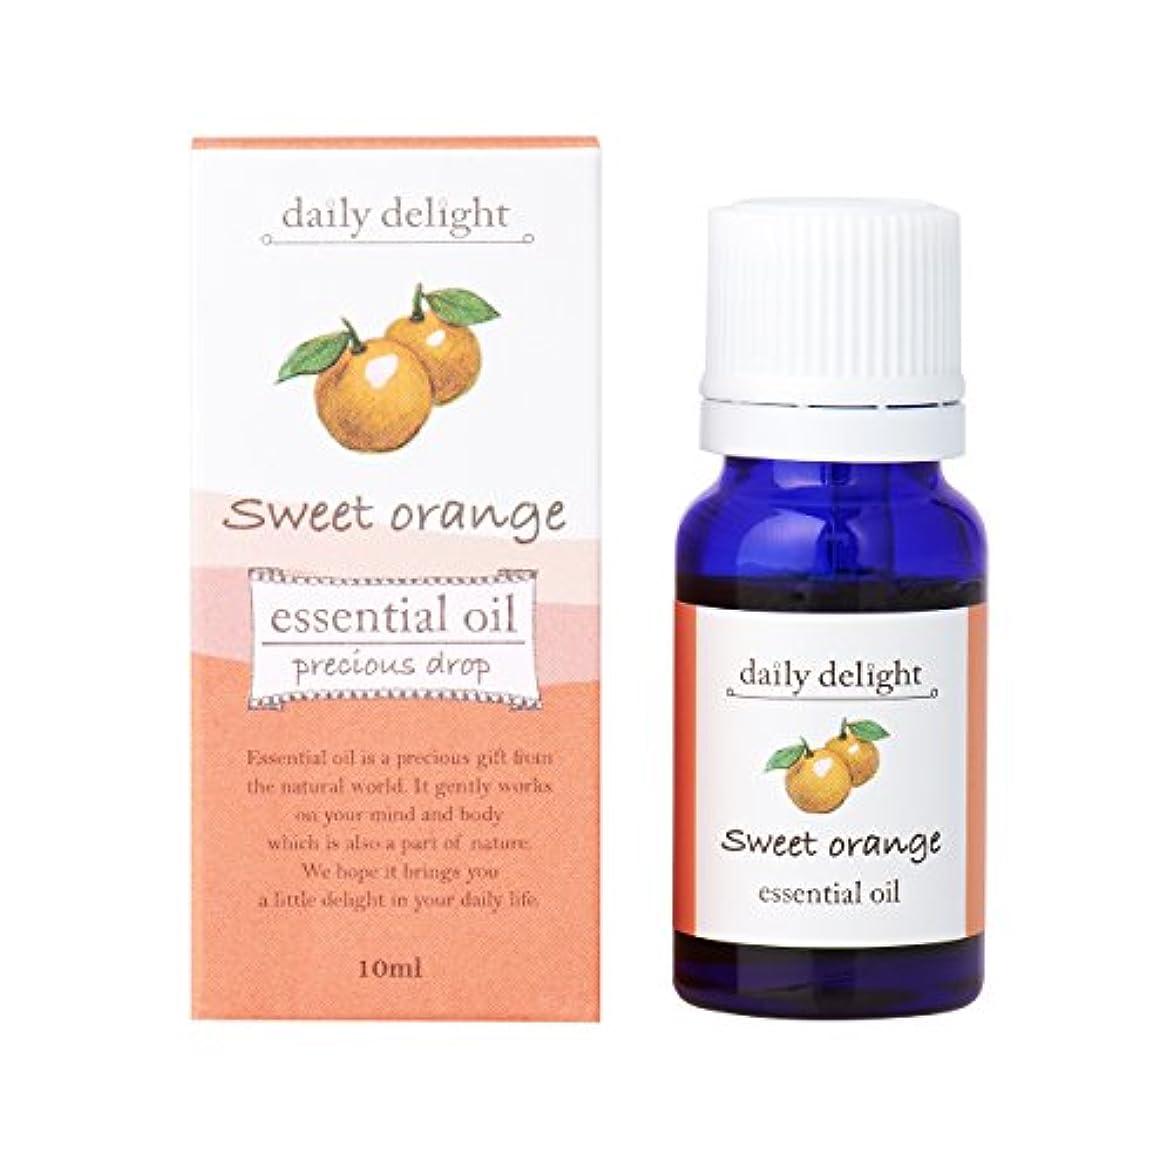 導体いうレイアウトデイリーディライト エッセンシャルオイル  スイートオレンジ 10ml(天然100% 精油 アロマ 柑橘系 フルーティで甘く爽やかな香り)